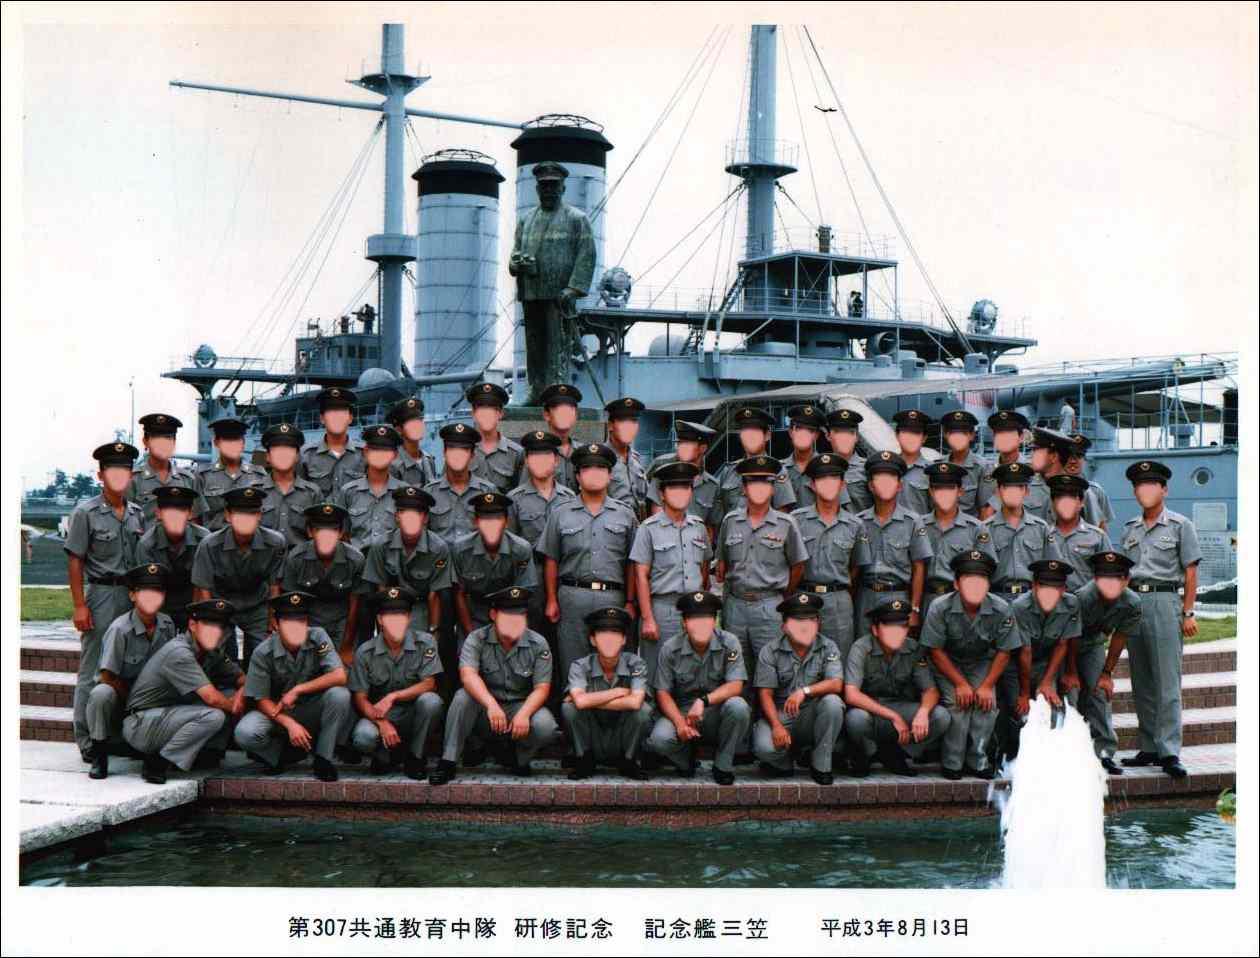 戦艦三笠 コピー